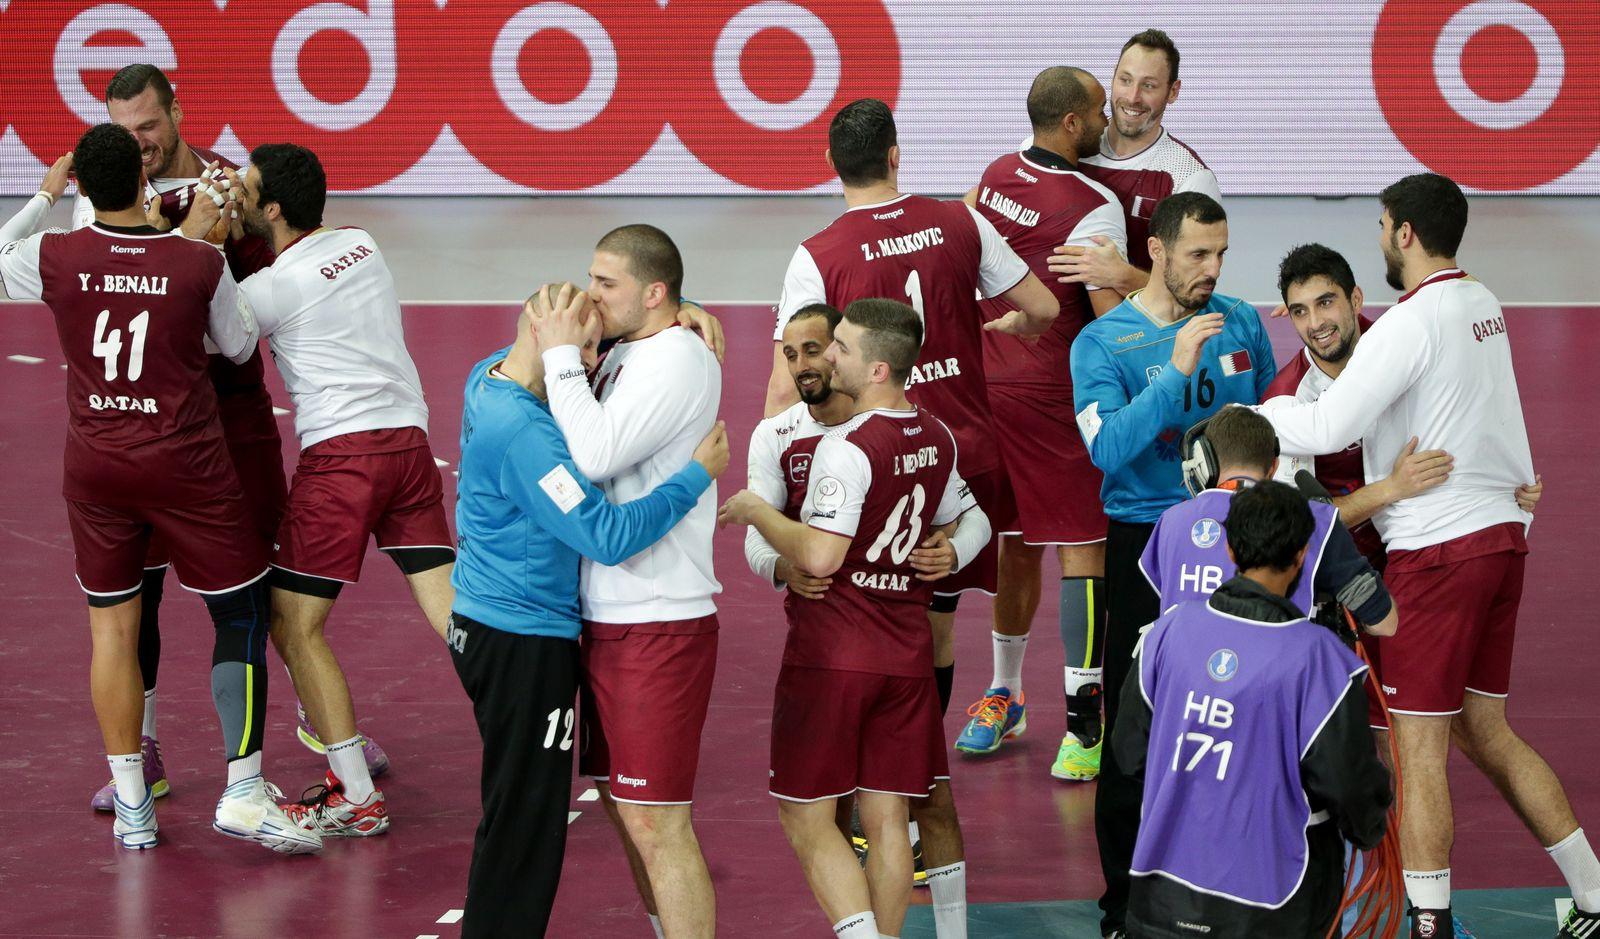 Handball-WM Österreich - Katar